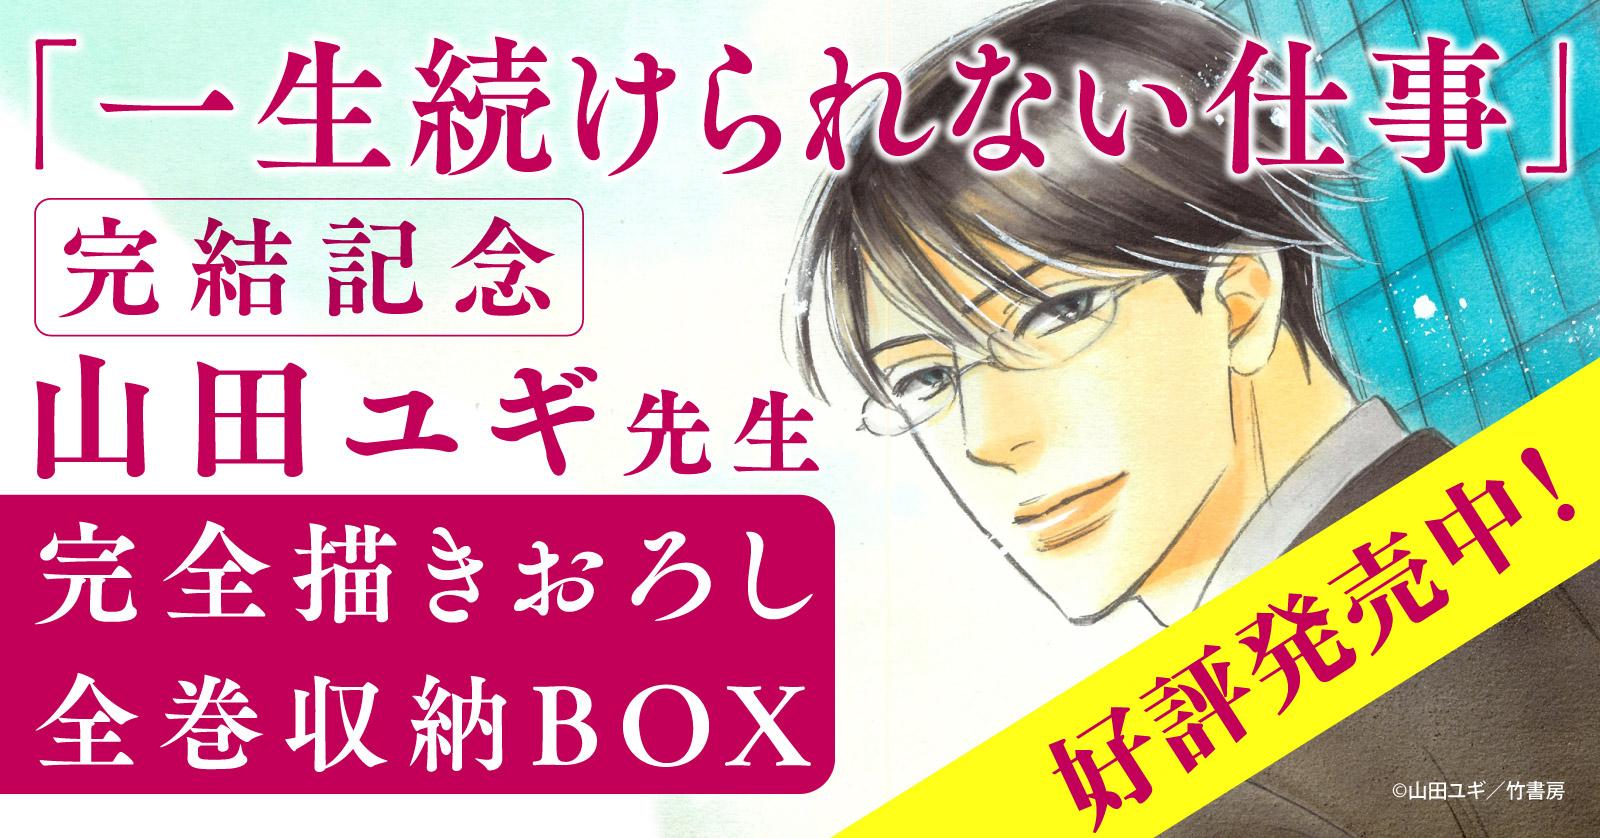 一生続けられない仕事山田ユギ先生描きおろし収納BOX付全巻セット